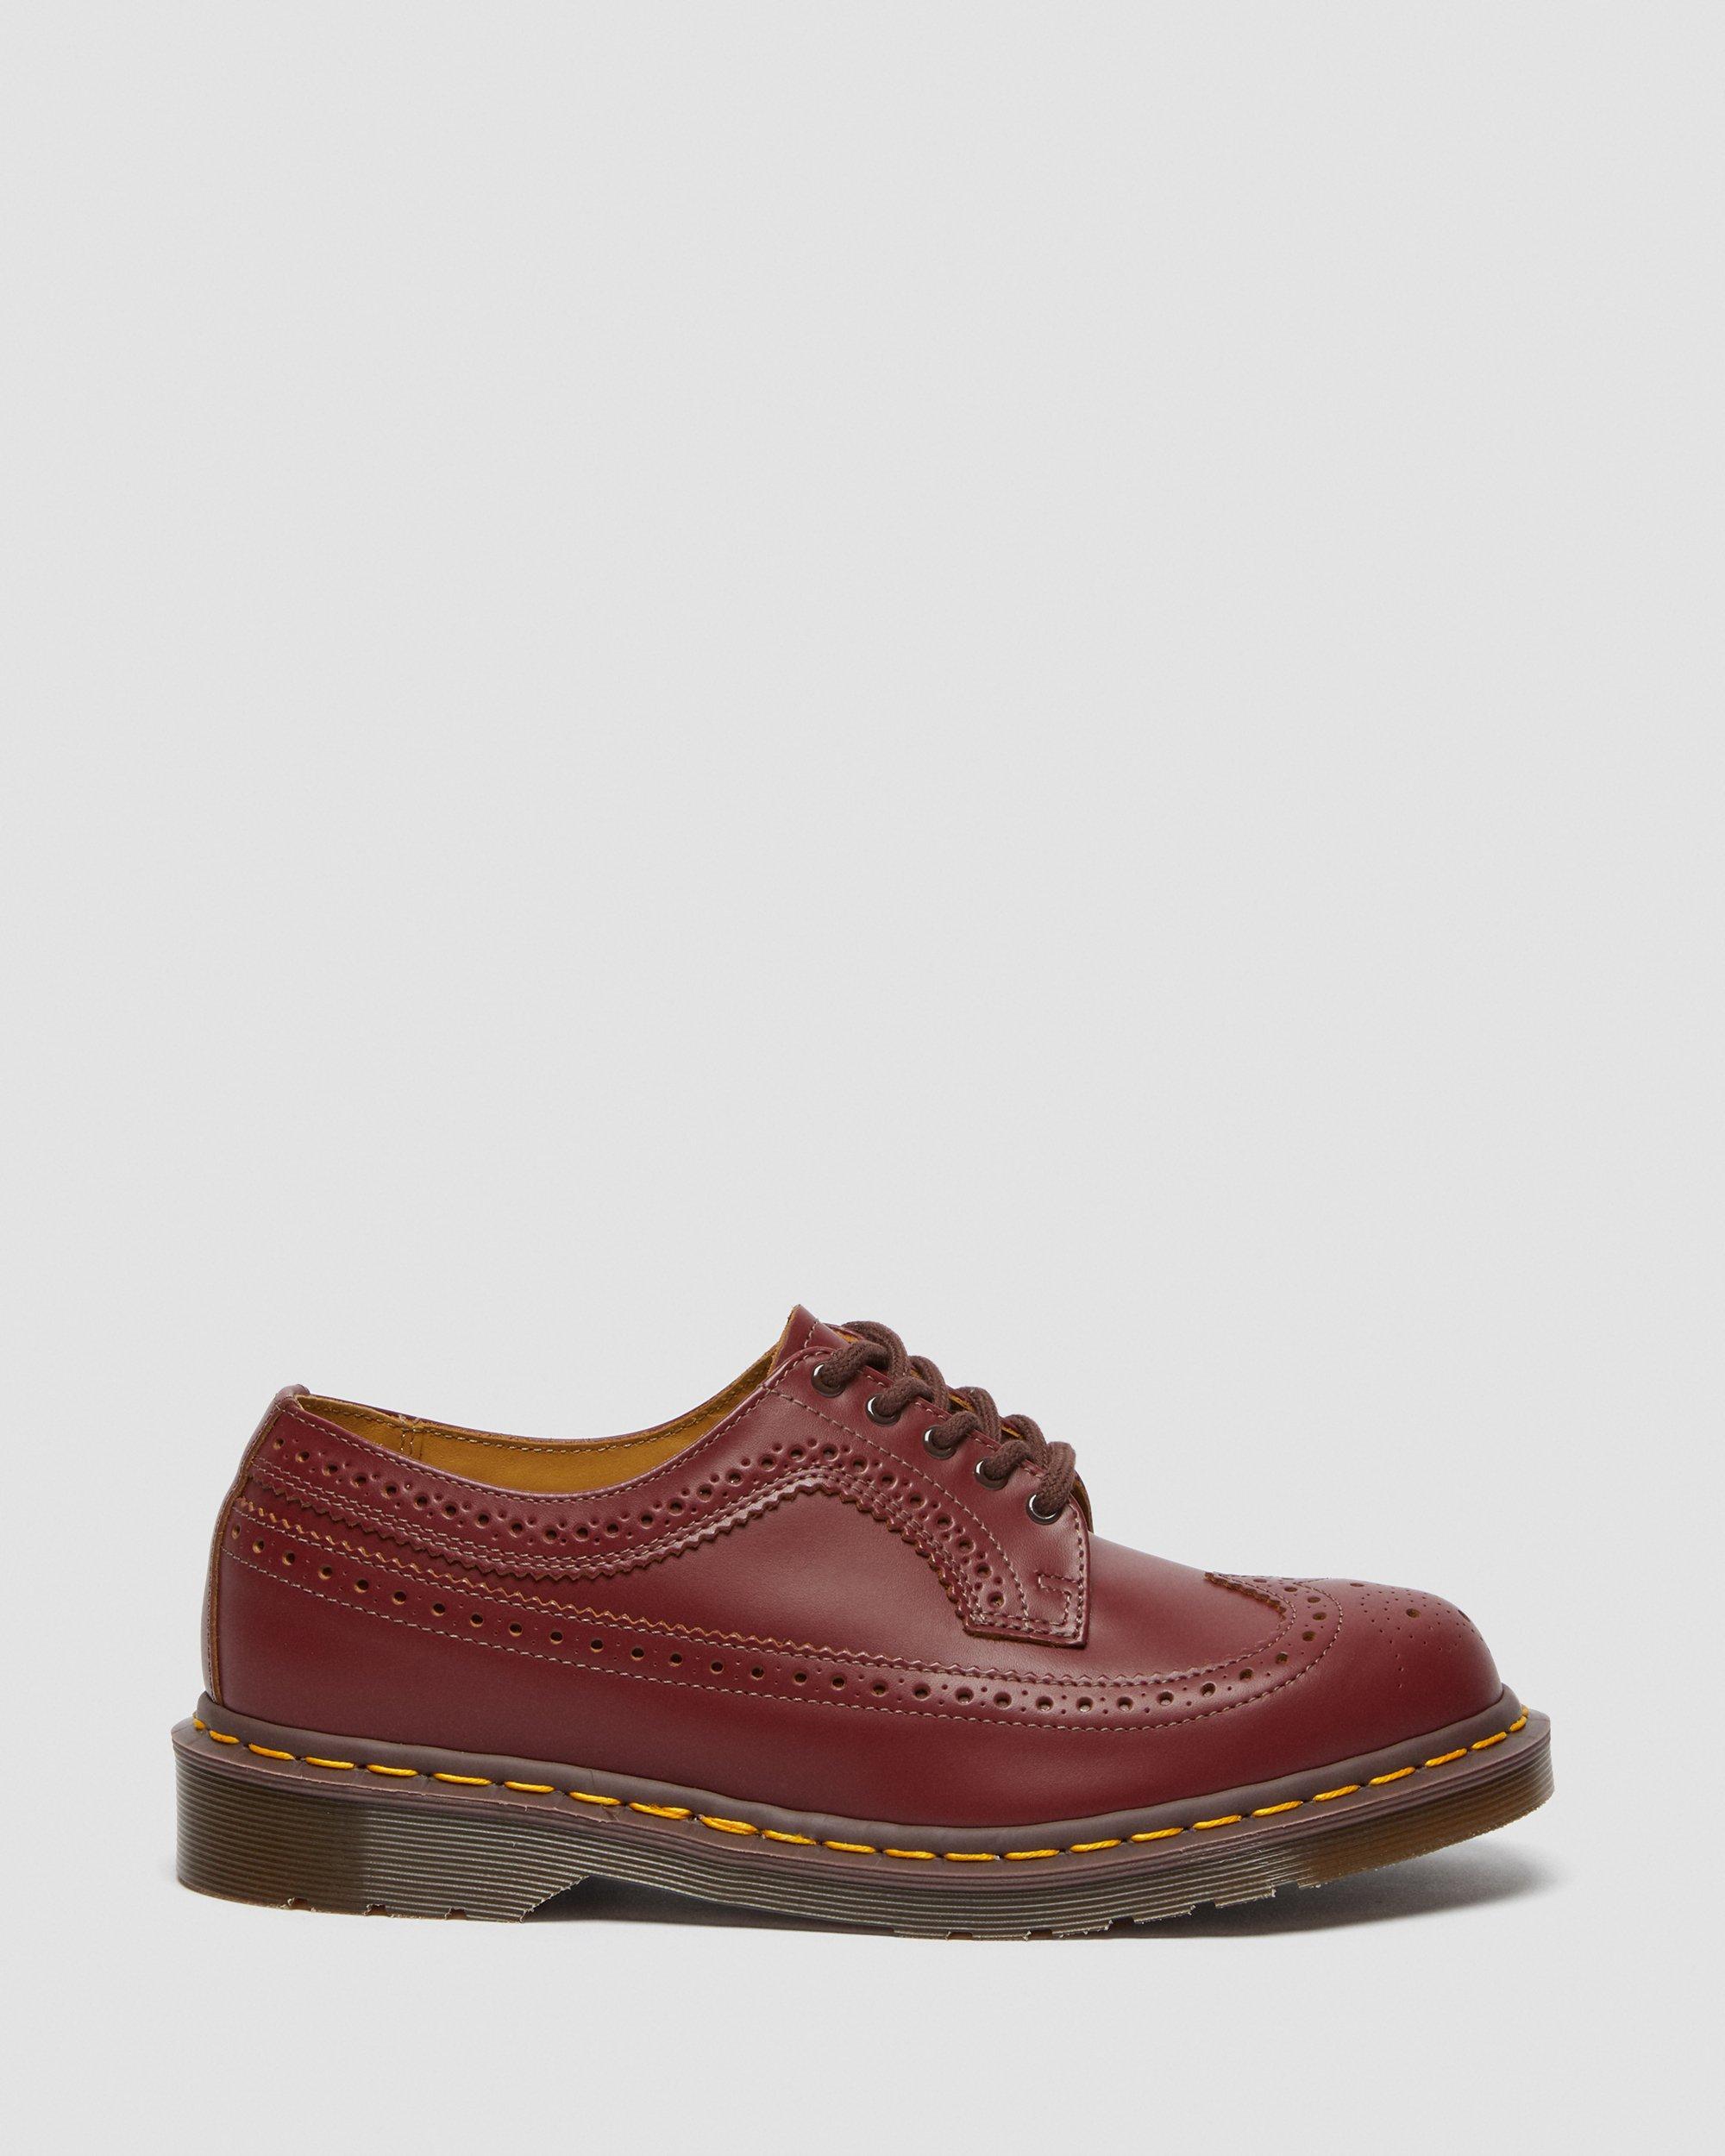 DR MARTENS Zapatos Oxford de piel 3989 Vintage